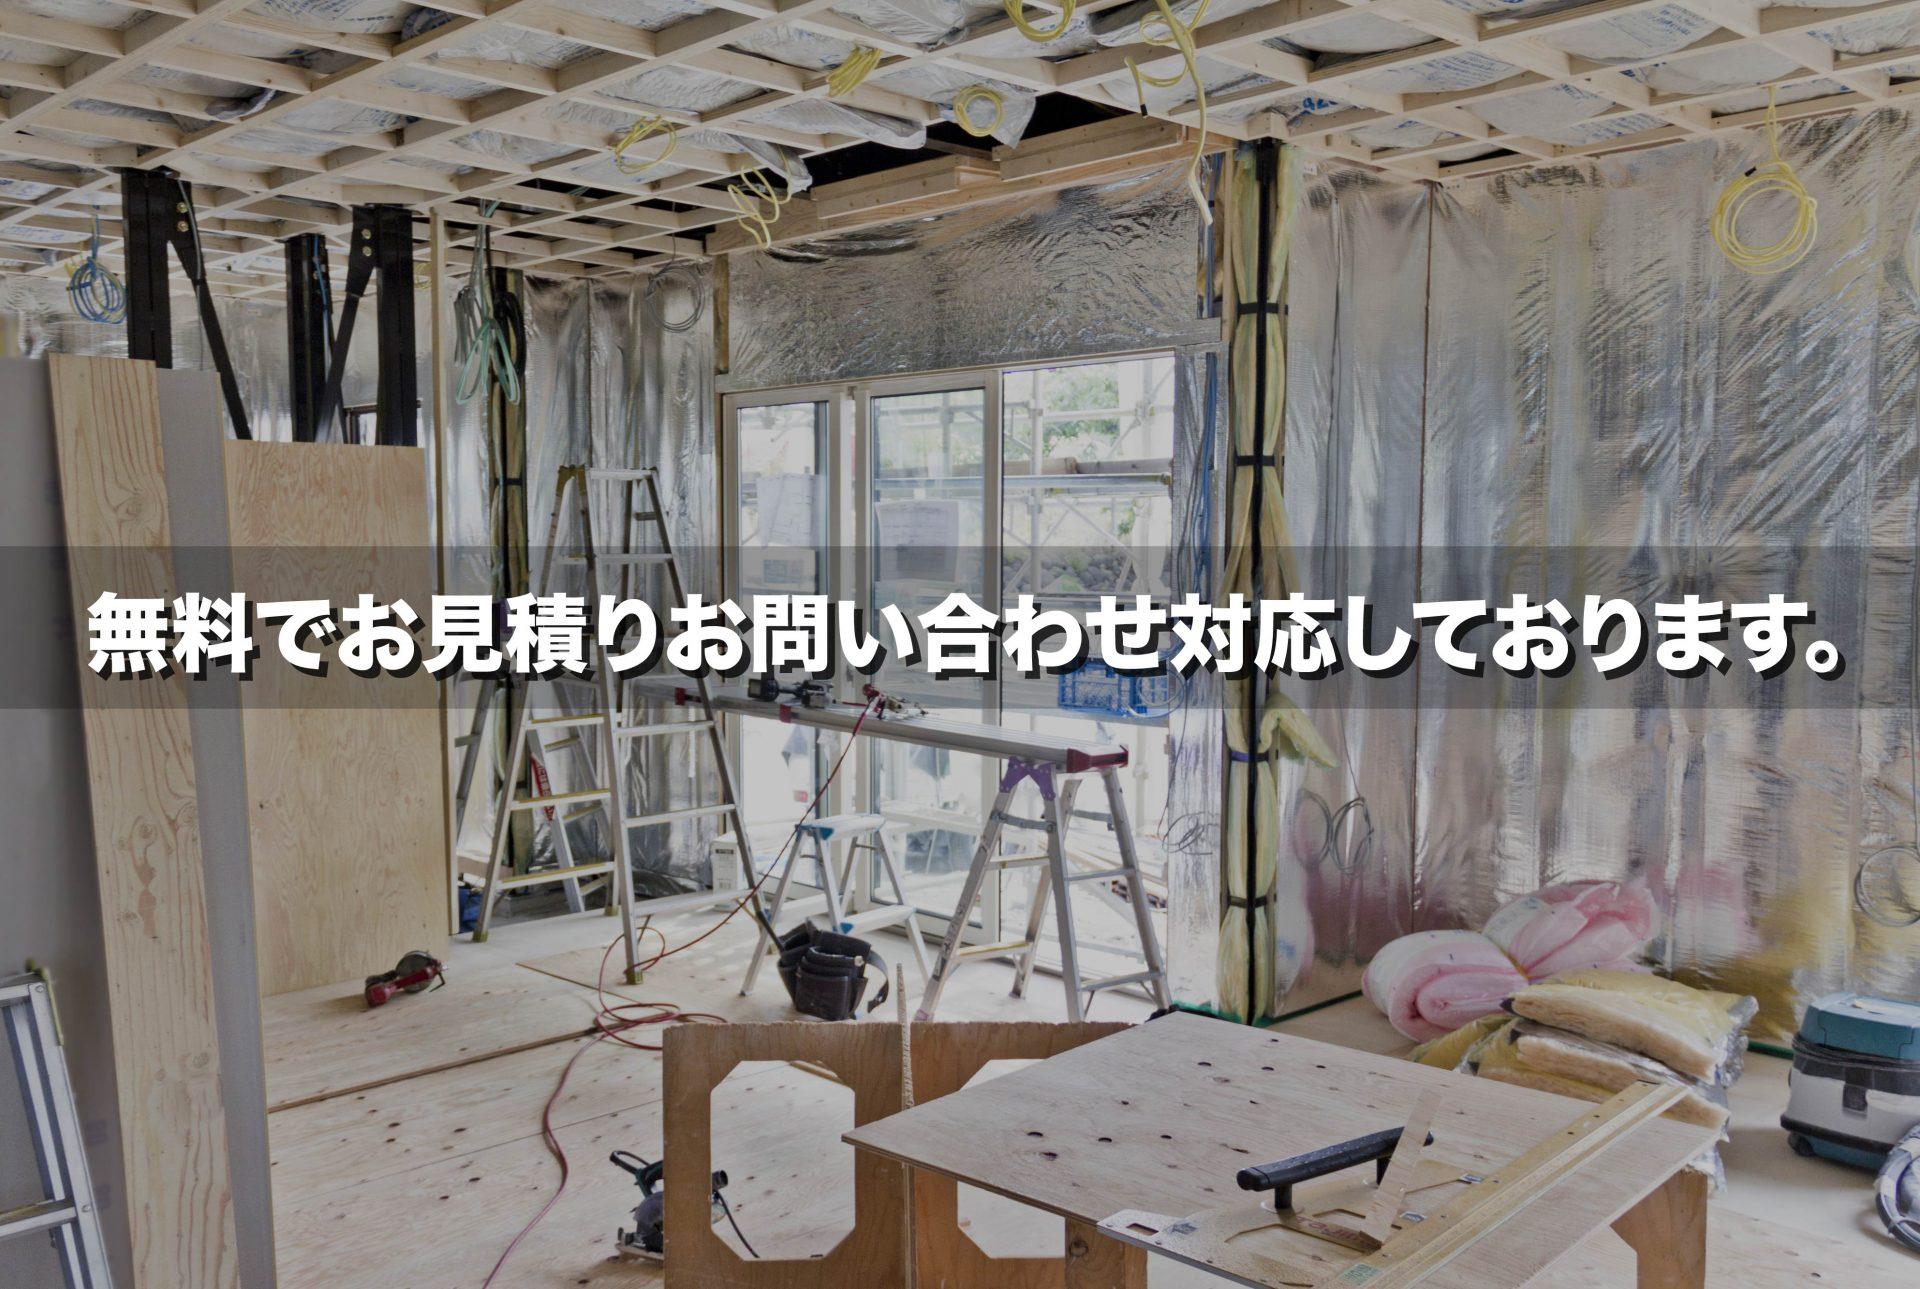 名古屋電気工事のプロフェッショナルチームに、安心かつ簡単にお問い合わせできます。